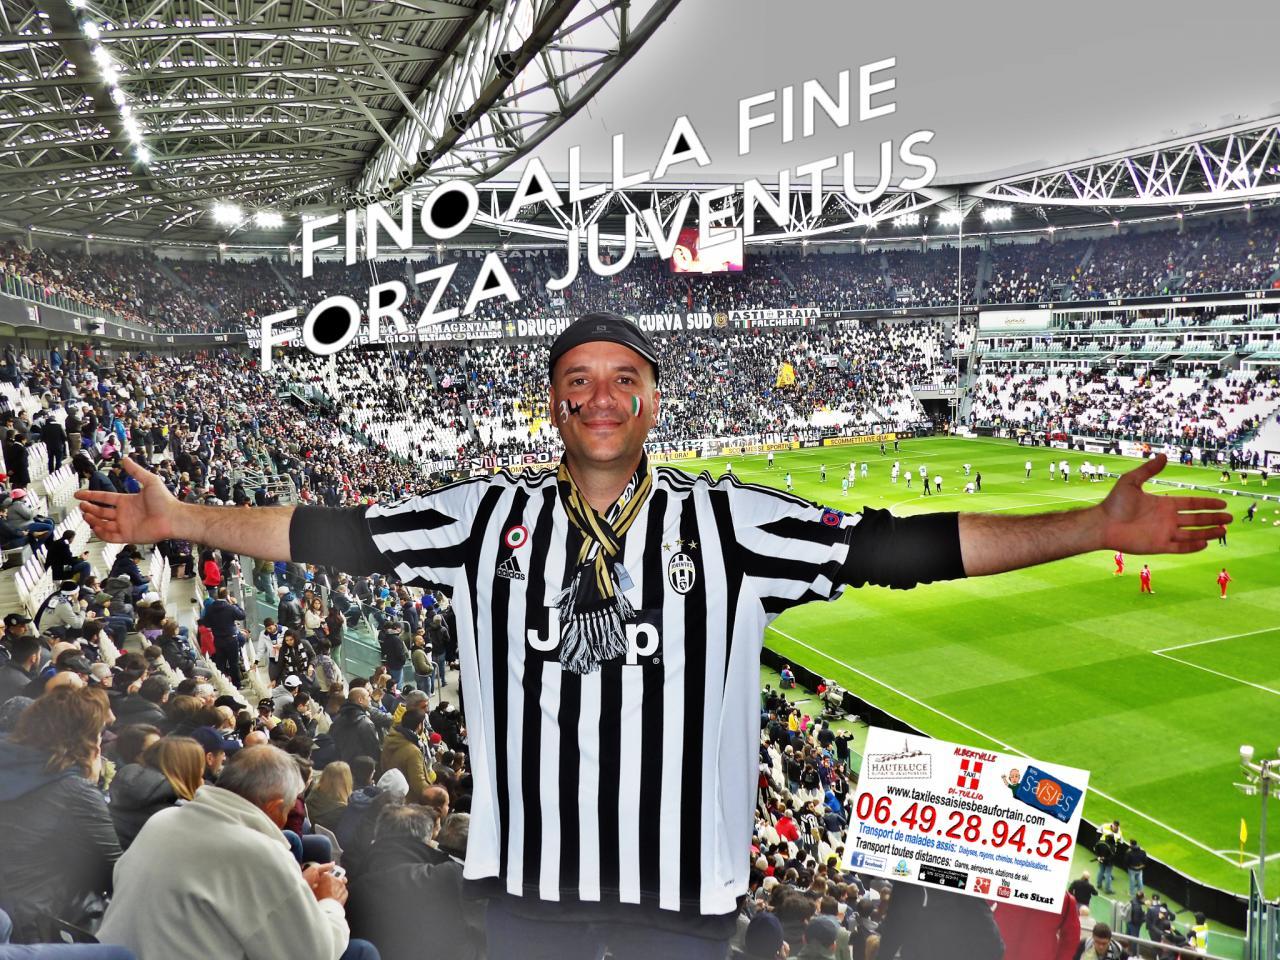 Taxi Albertville Di Tullio au Juventus Stadium le 01/05/16